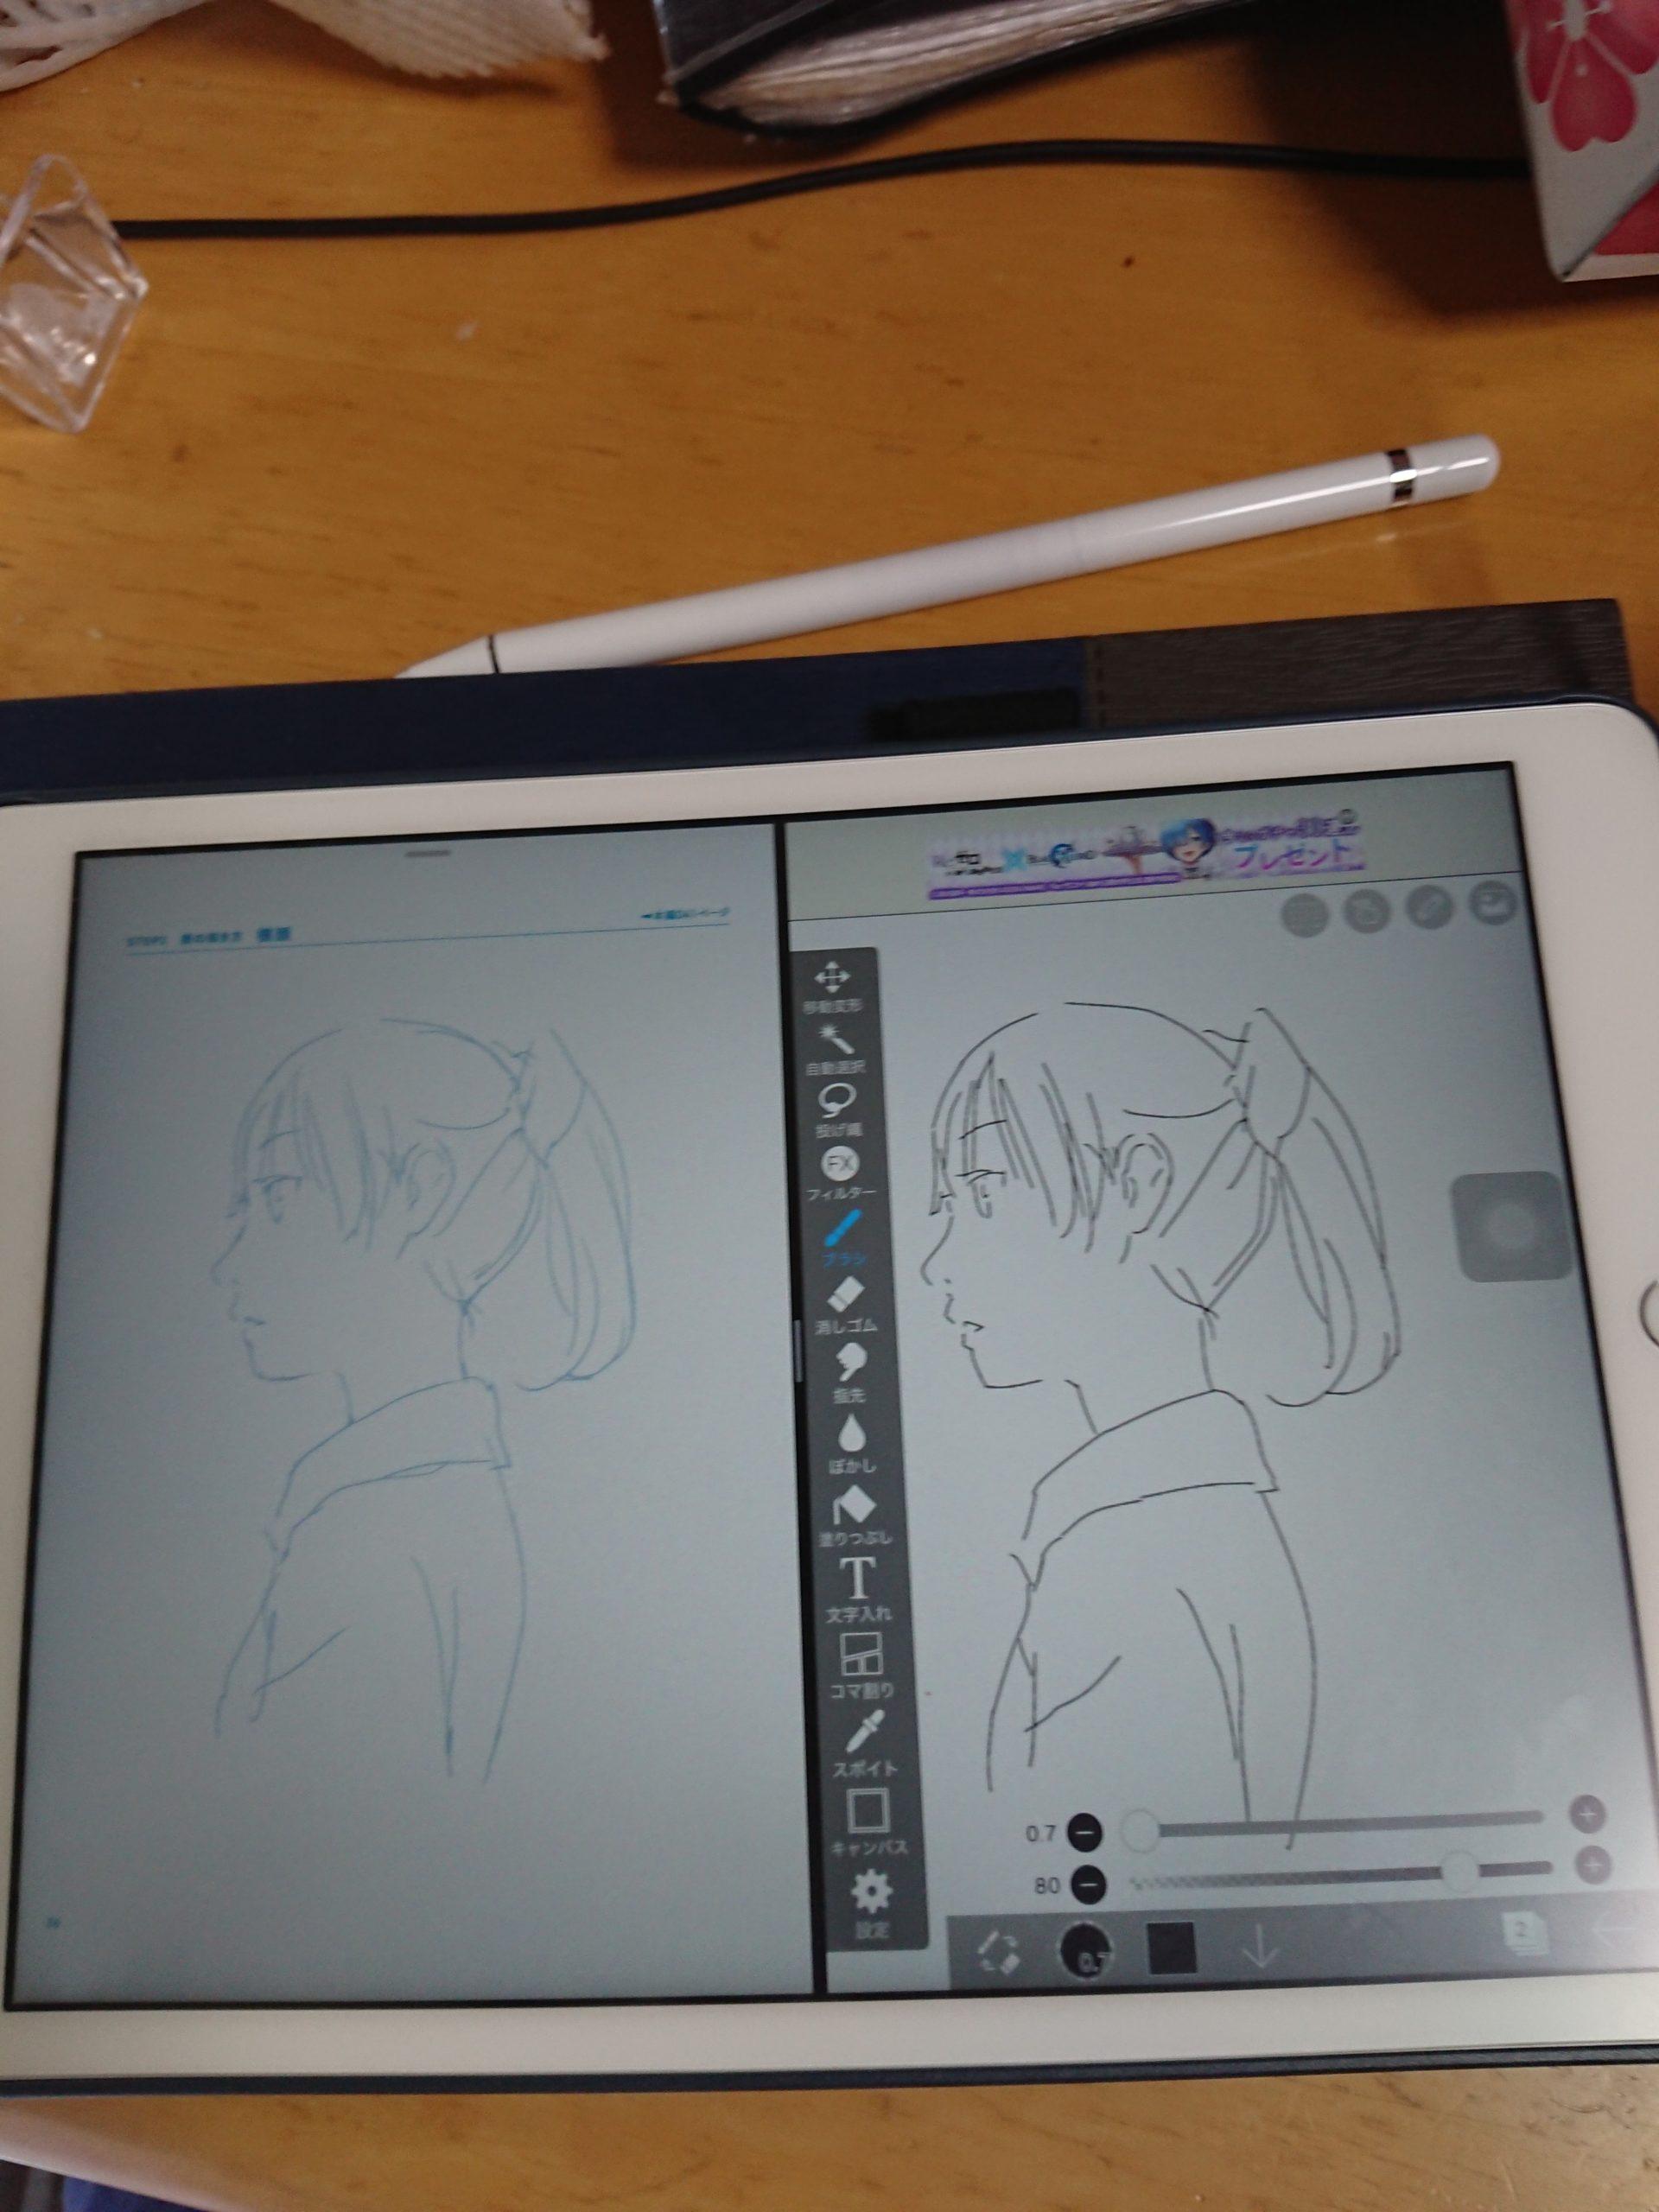 iPadで2画面にできるメリット